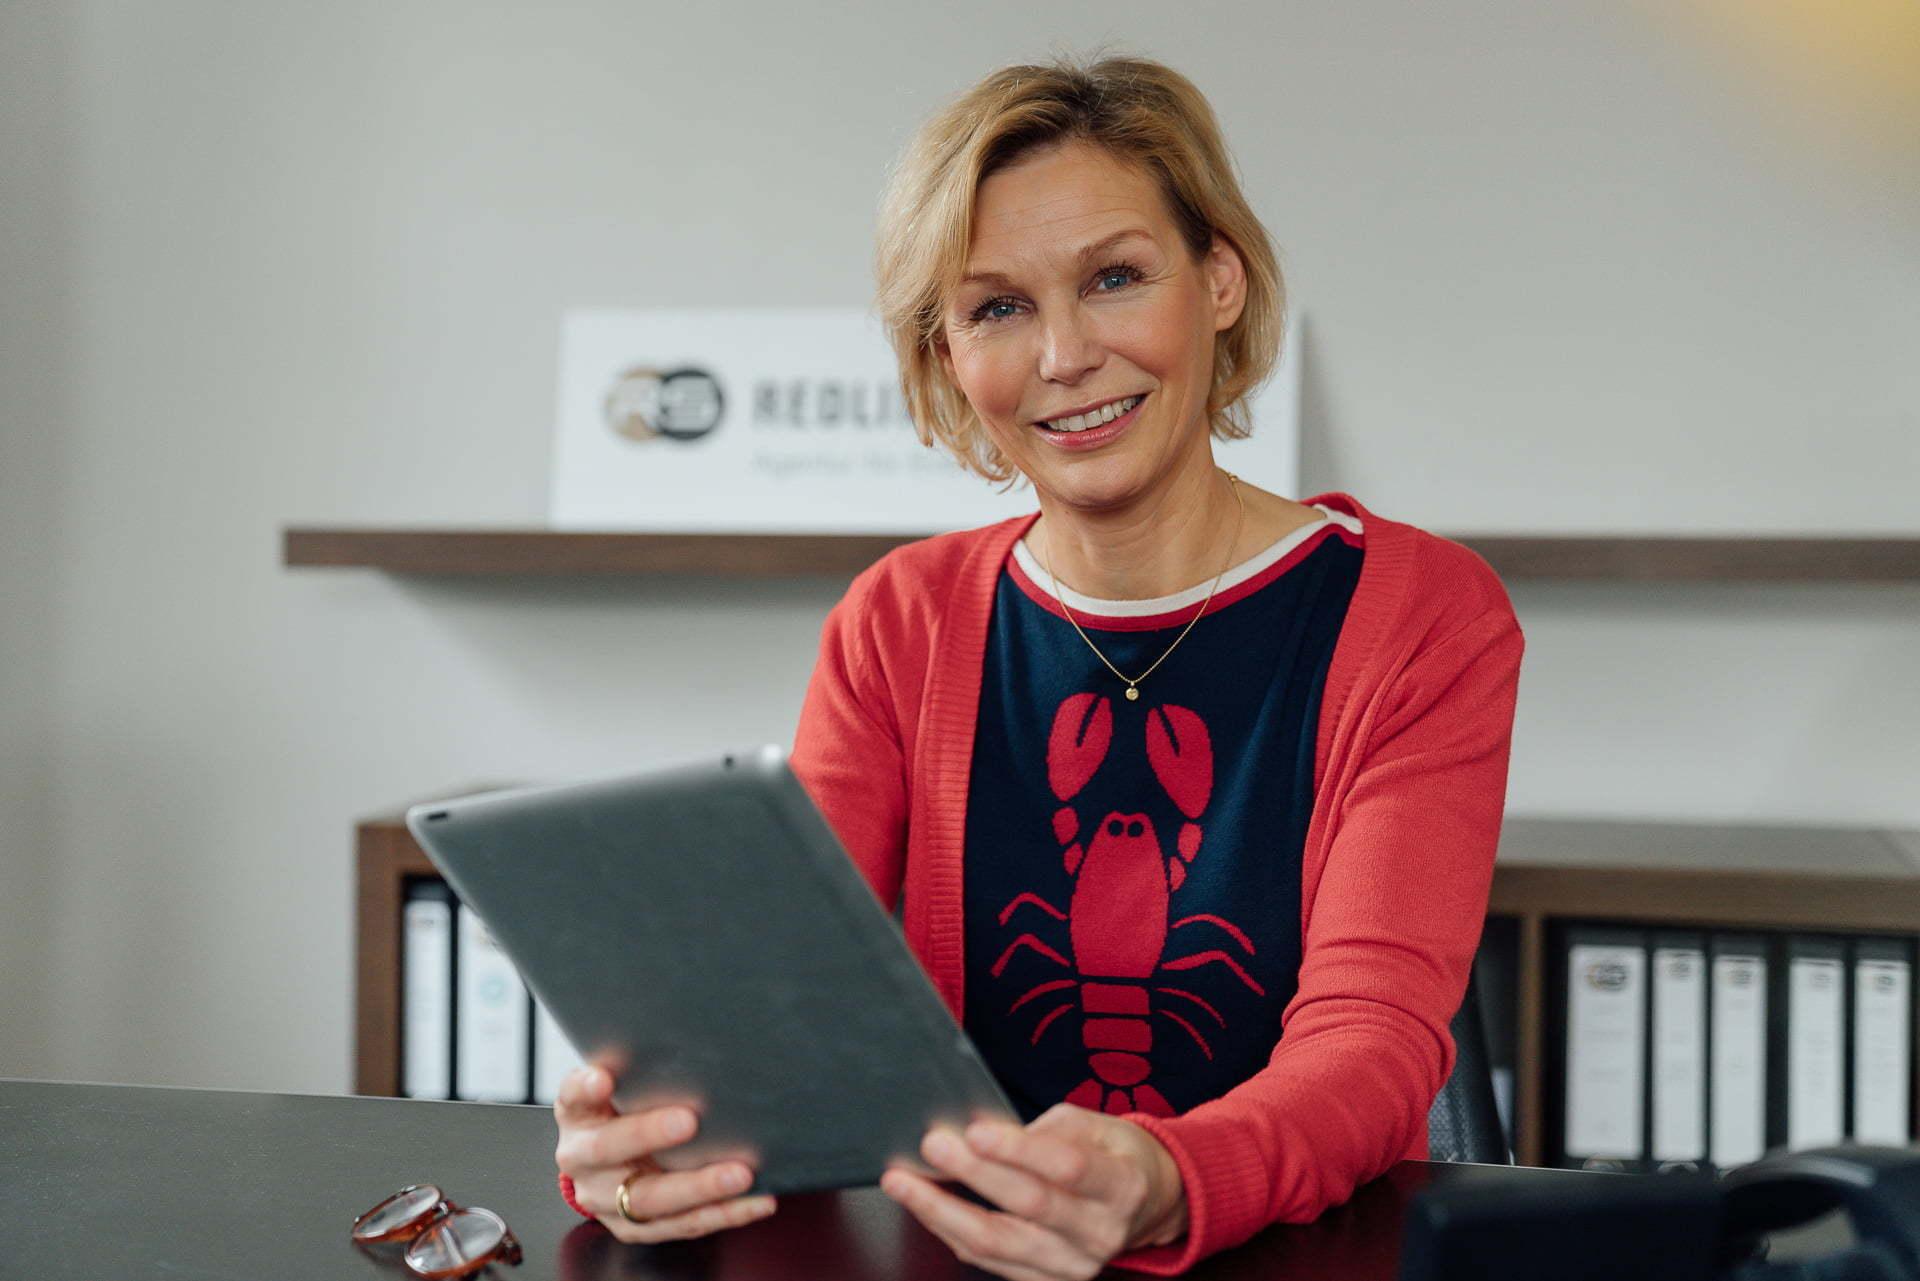 Frau sitzt am Schreibtisch mit einem Tablet während eines Personal Branding Fotoshootings